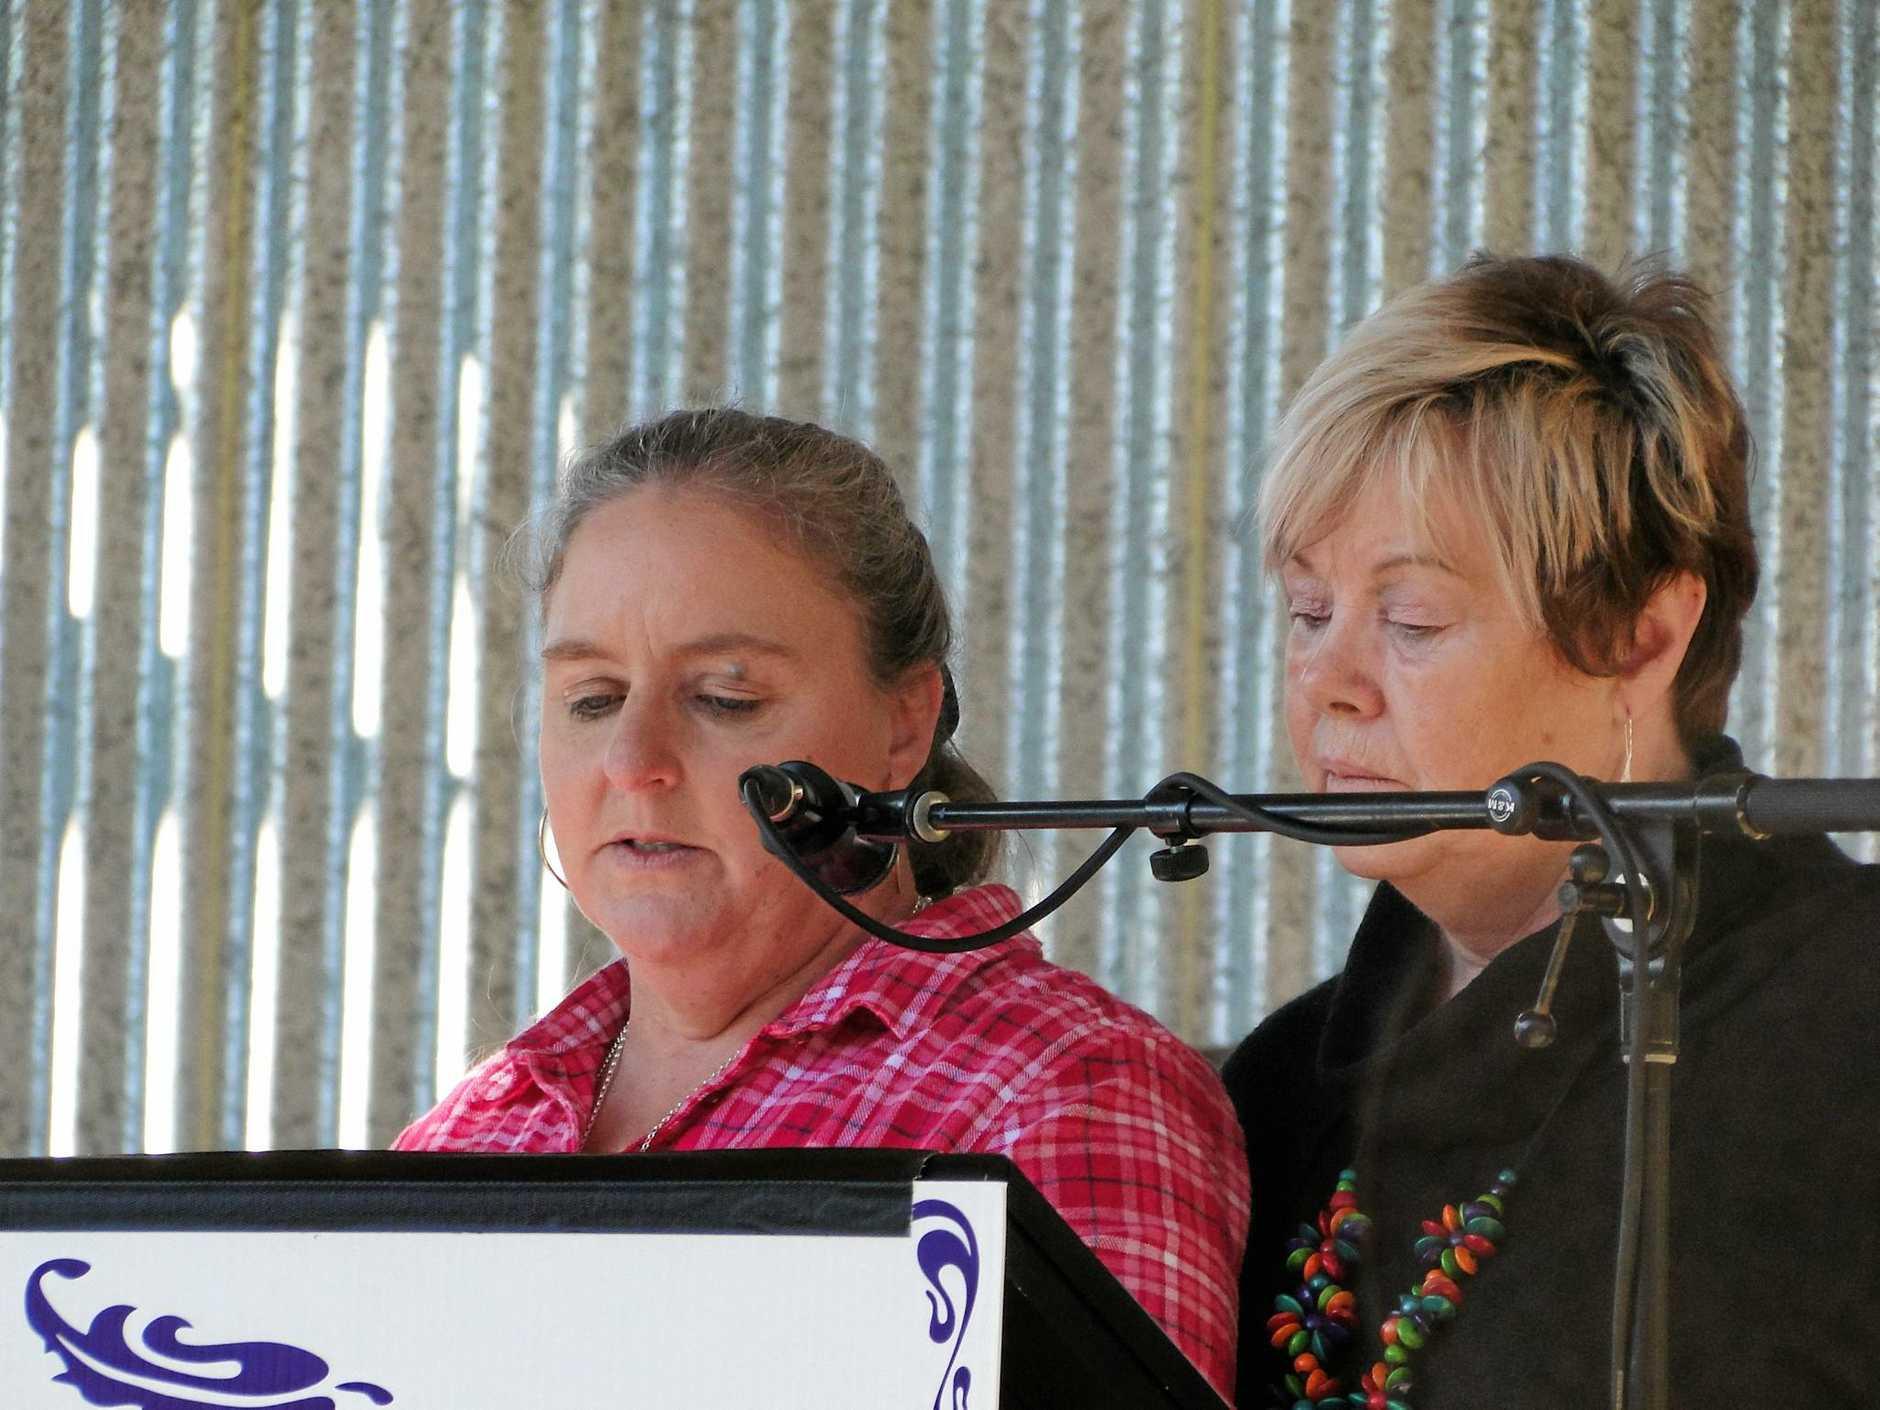 Karen Little honours her truck driving sister Gayle.